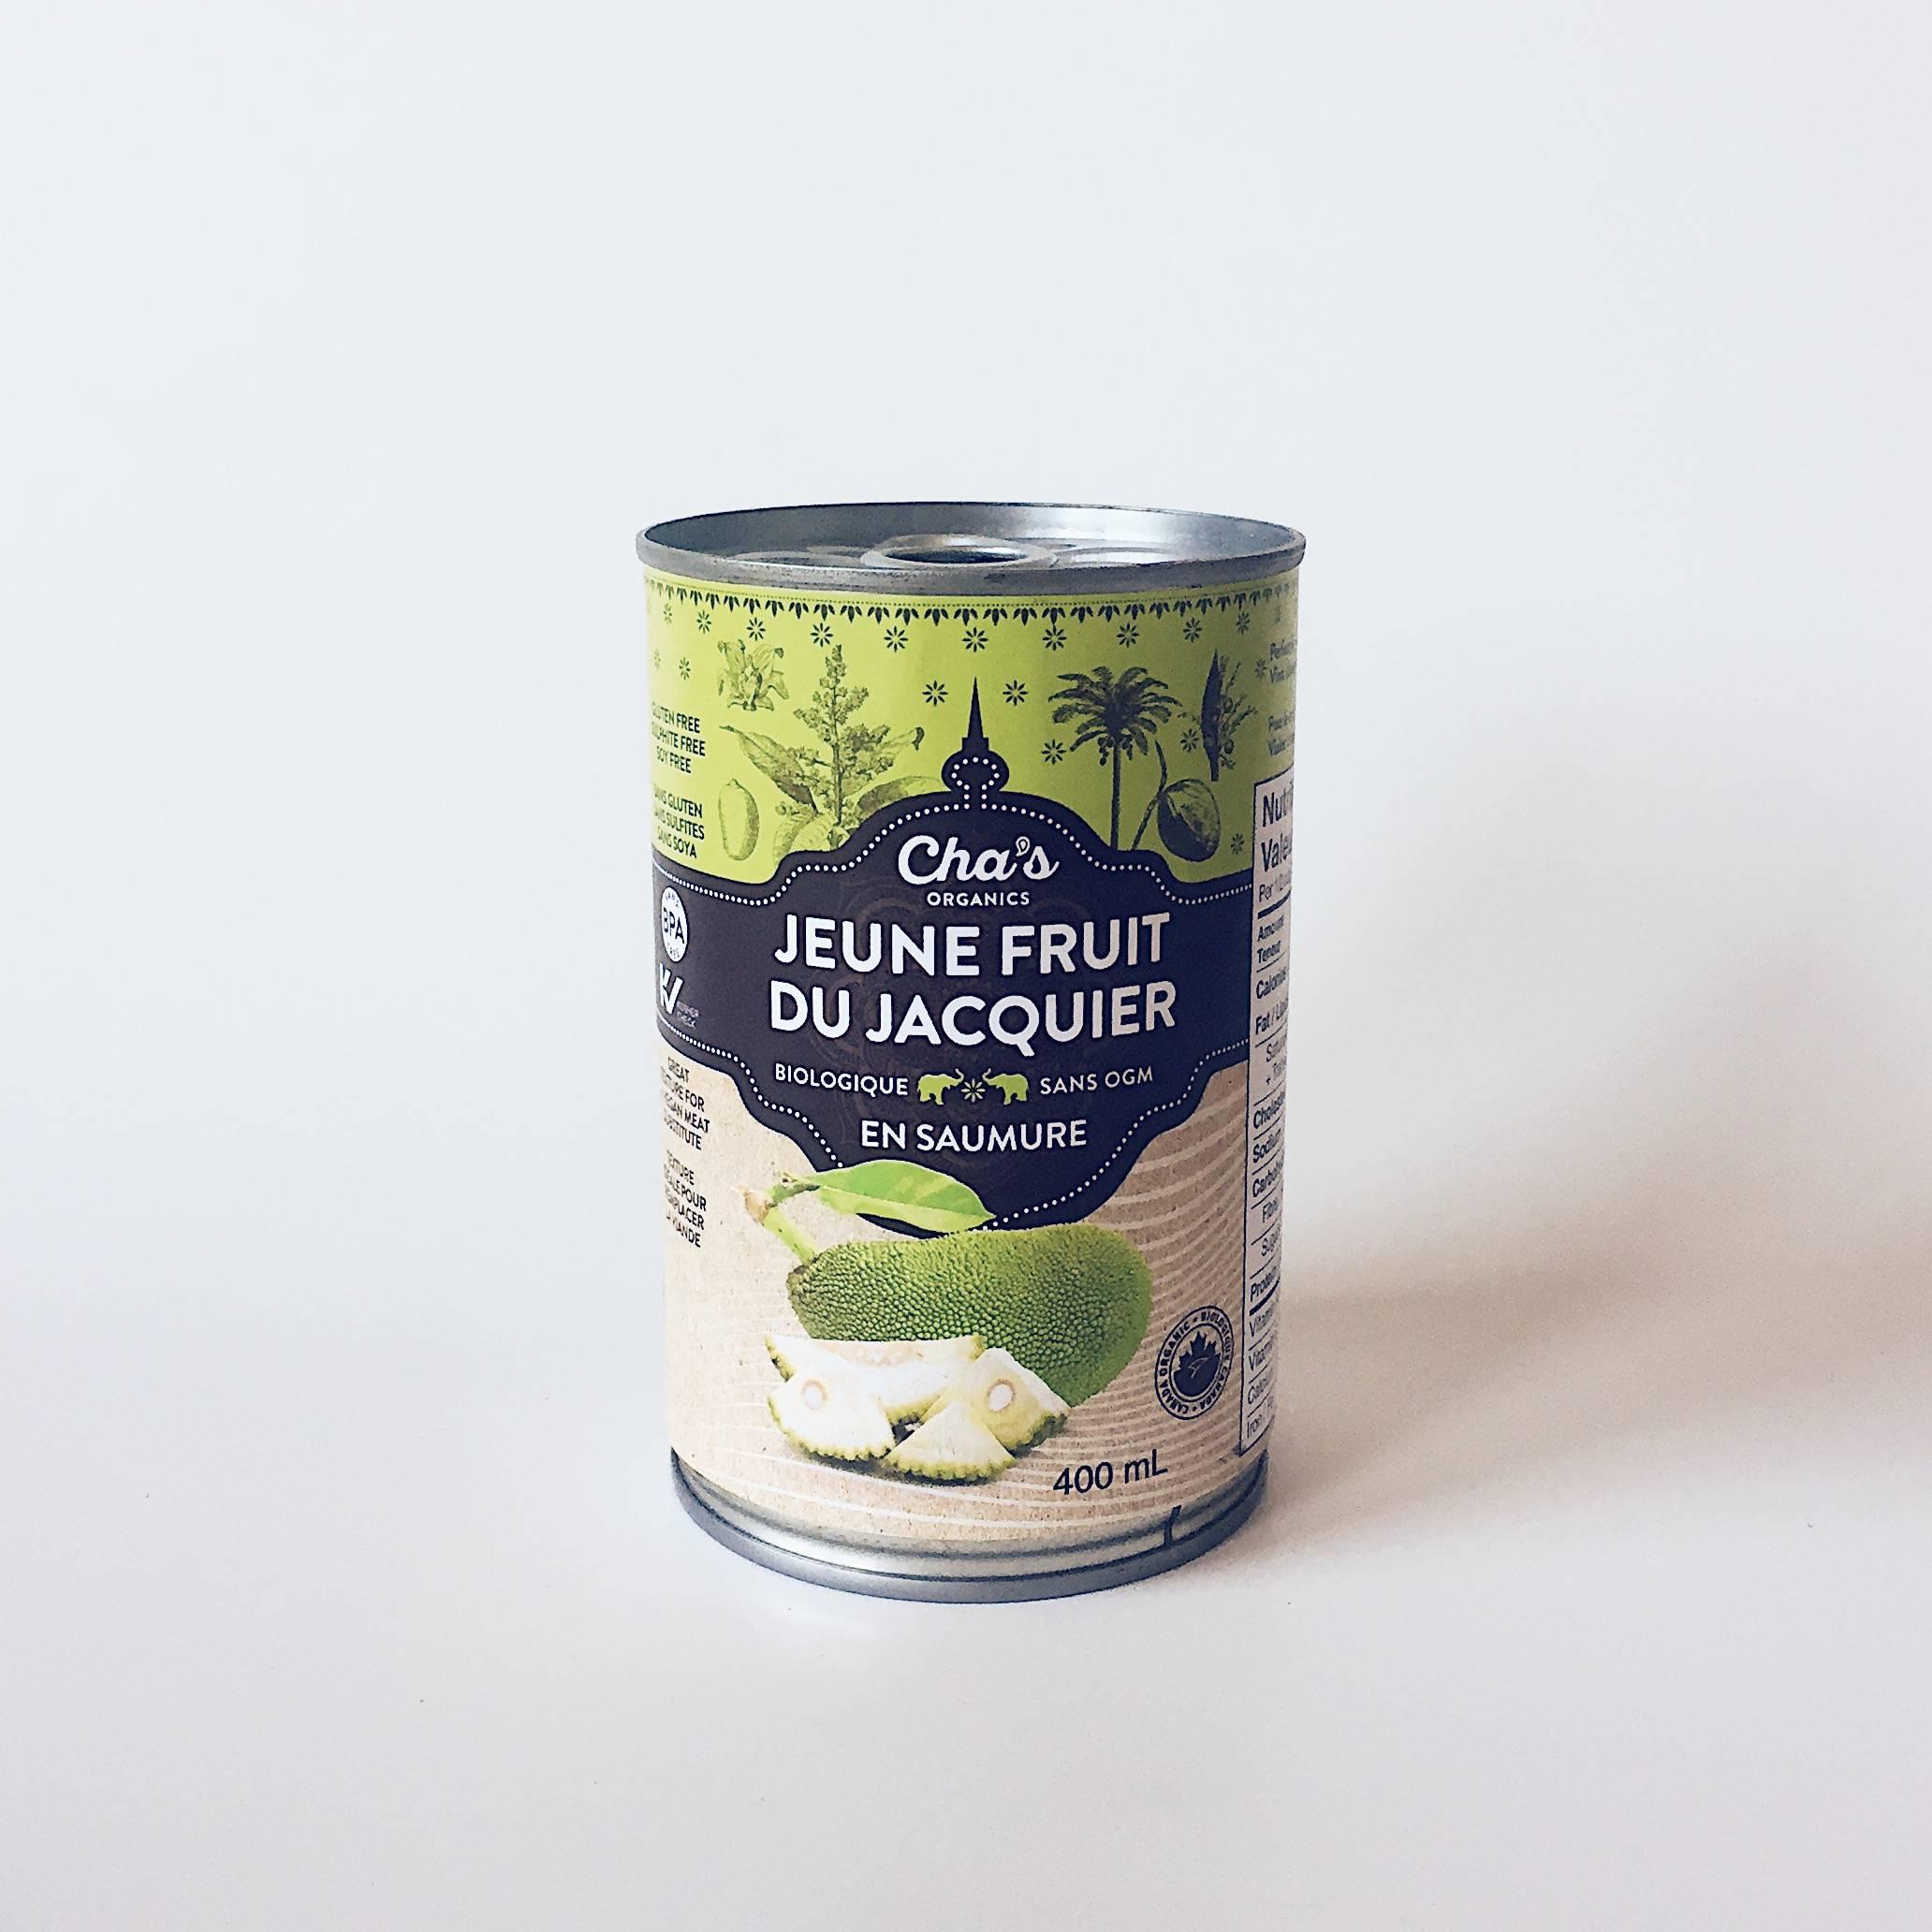 jackfruit jeune fruit du jacquier chas organics porc effiloché végé